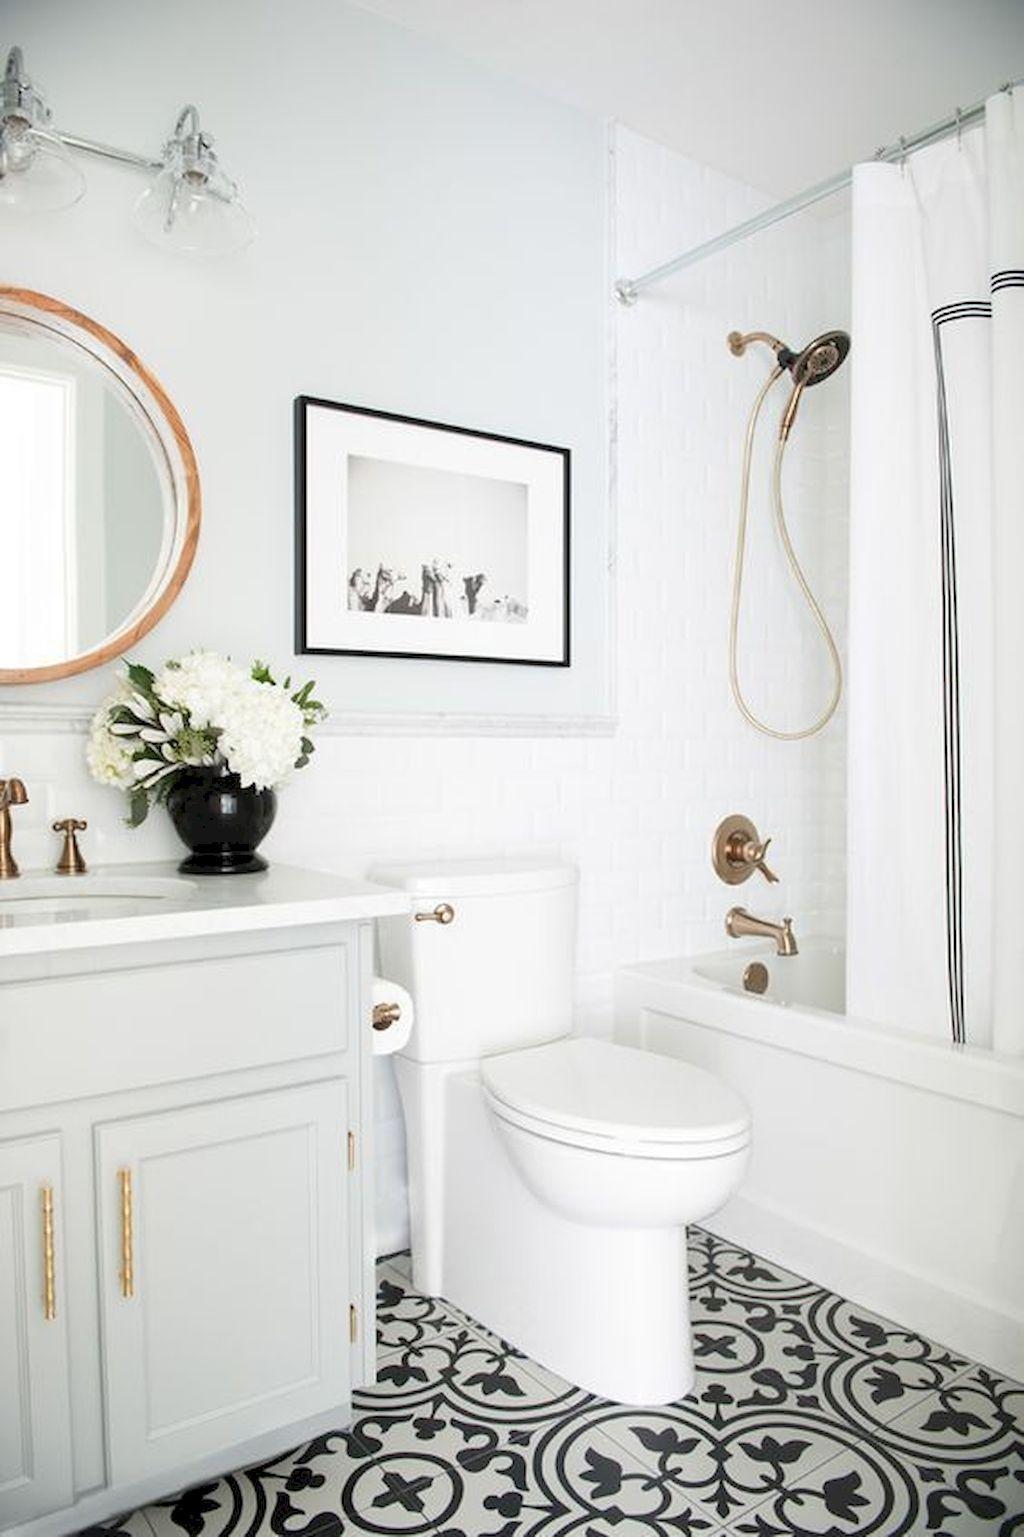 Gợi ý 10 cách thiết kế spa tại nhà giúp nâng tầm không gian phòng tắm - Ảnh 7.